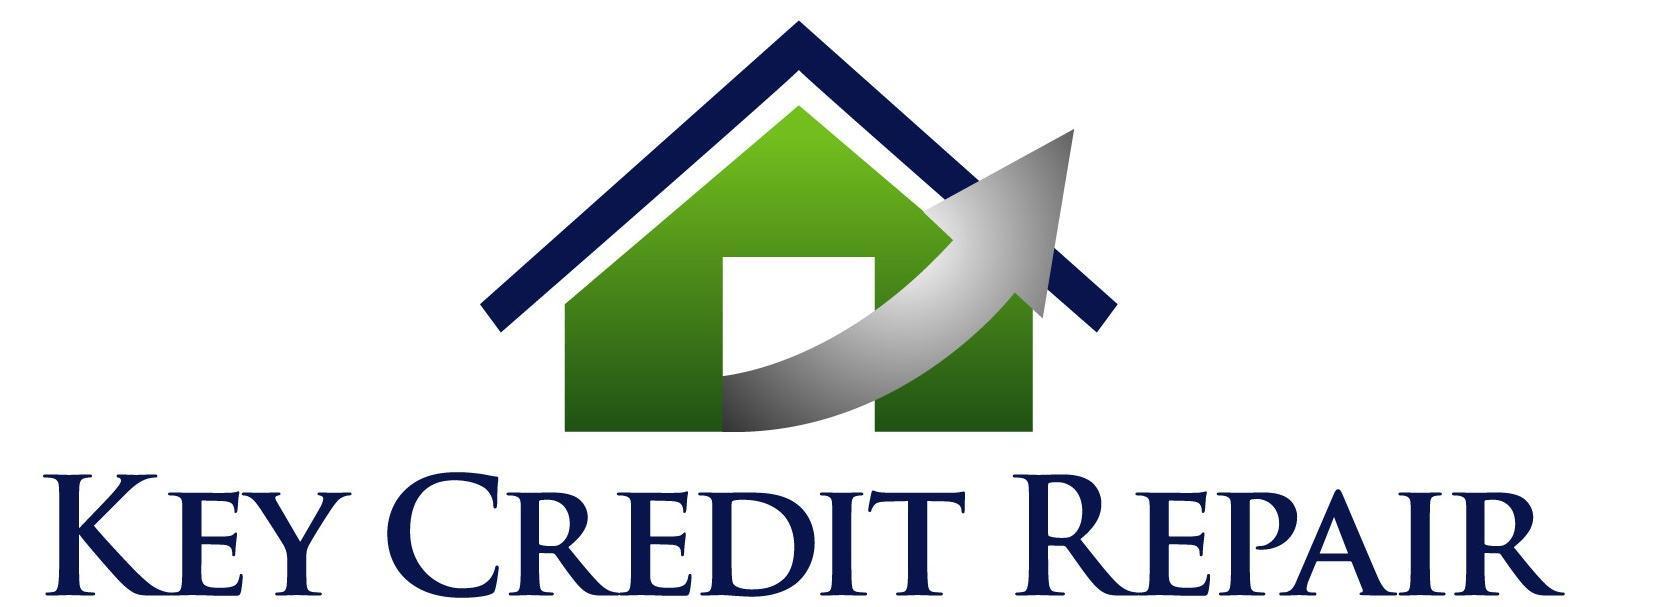 Credit Repair & Free Consultation Competitors, Revenue and.